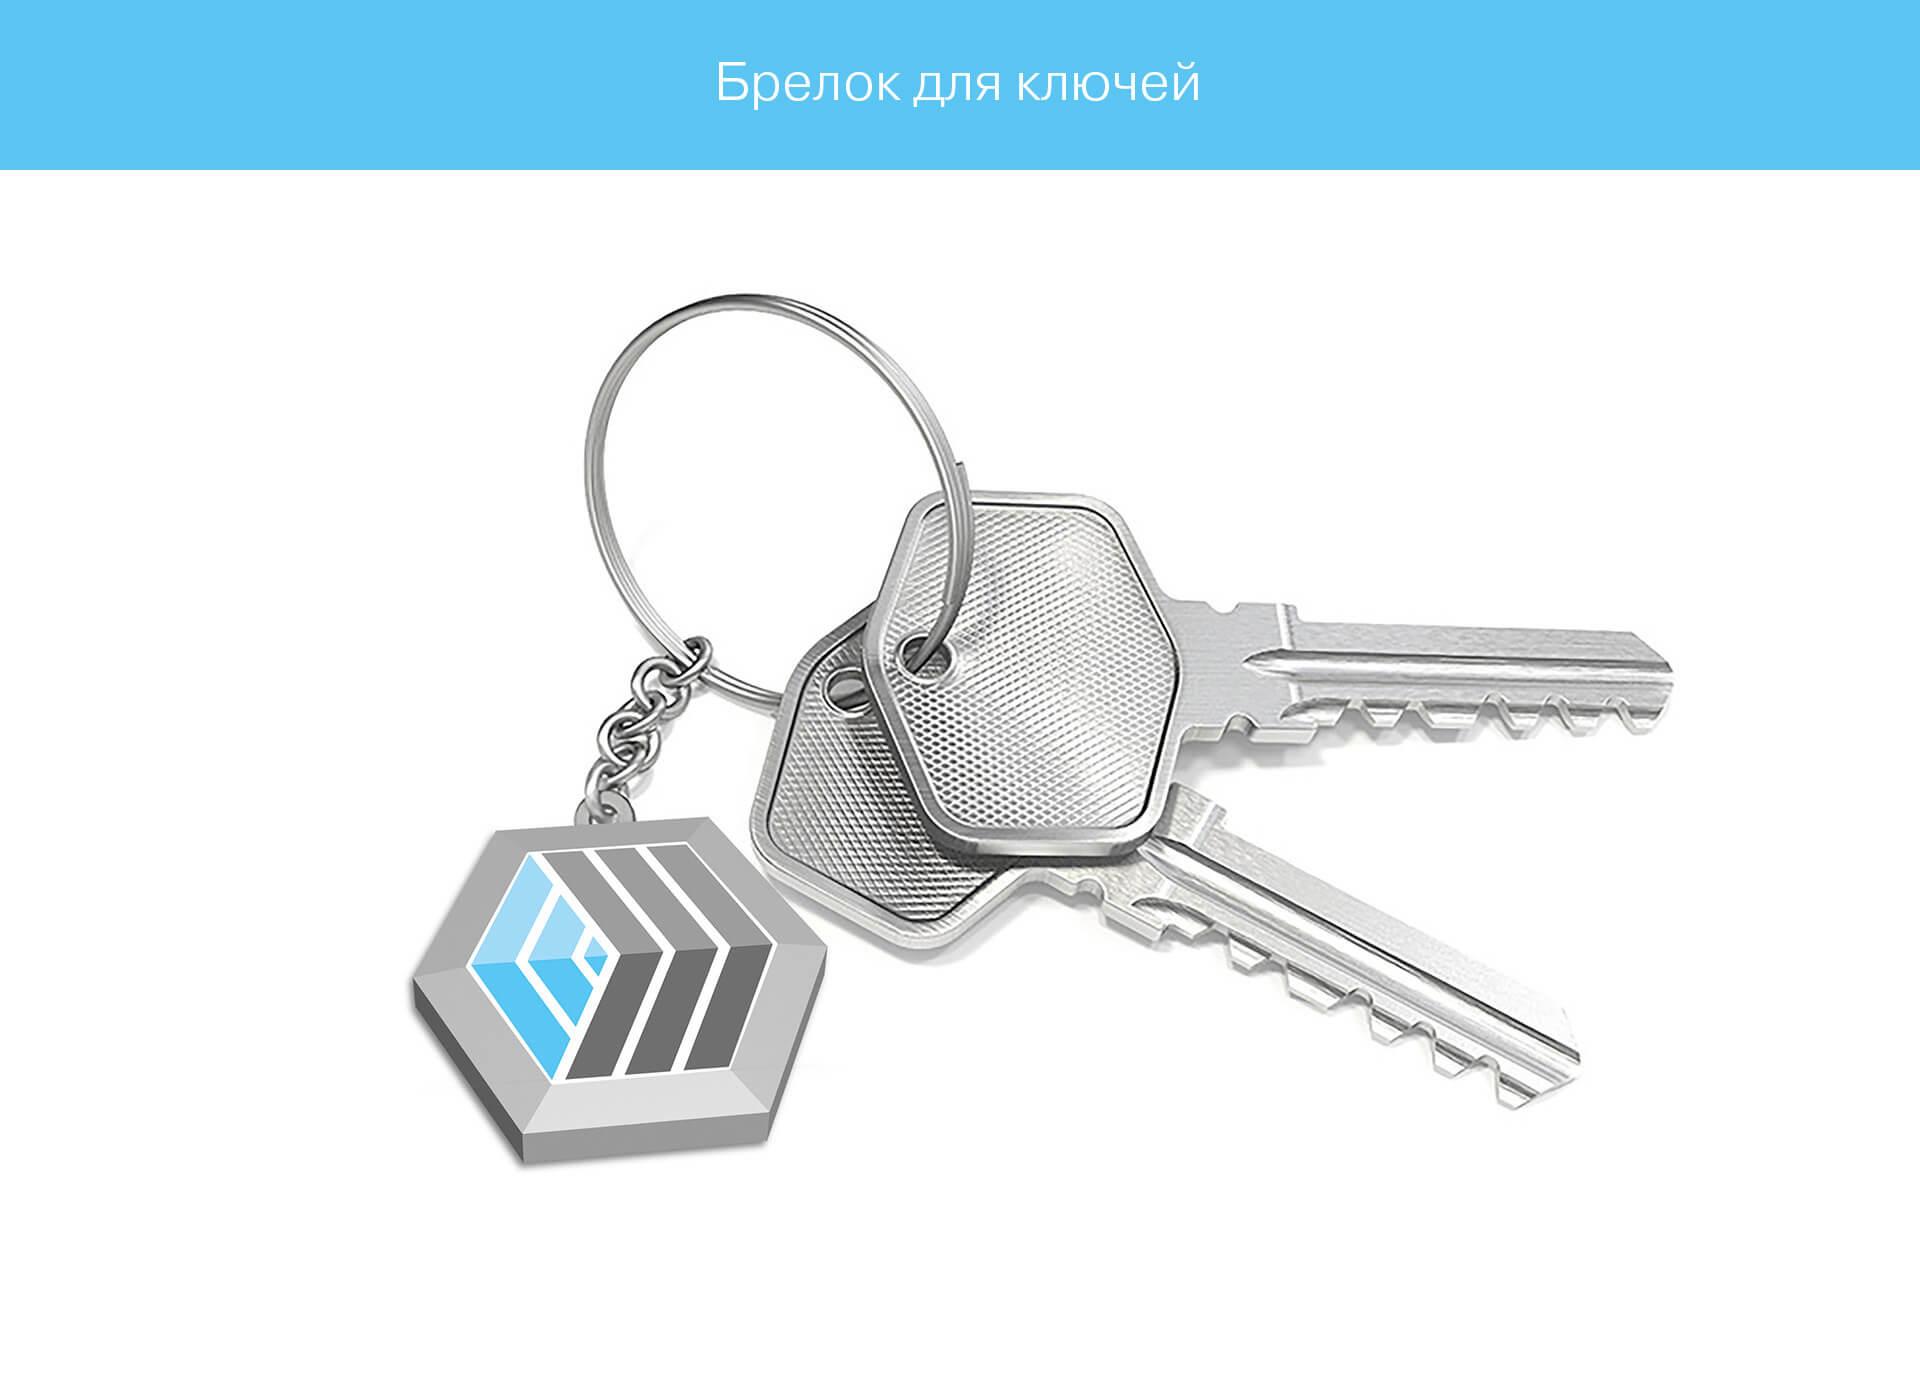 Разработка и создание дизайна брелока для ключей  (брендинг) от Fantastic Imago брендиногове рекламное агентство